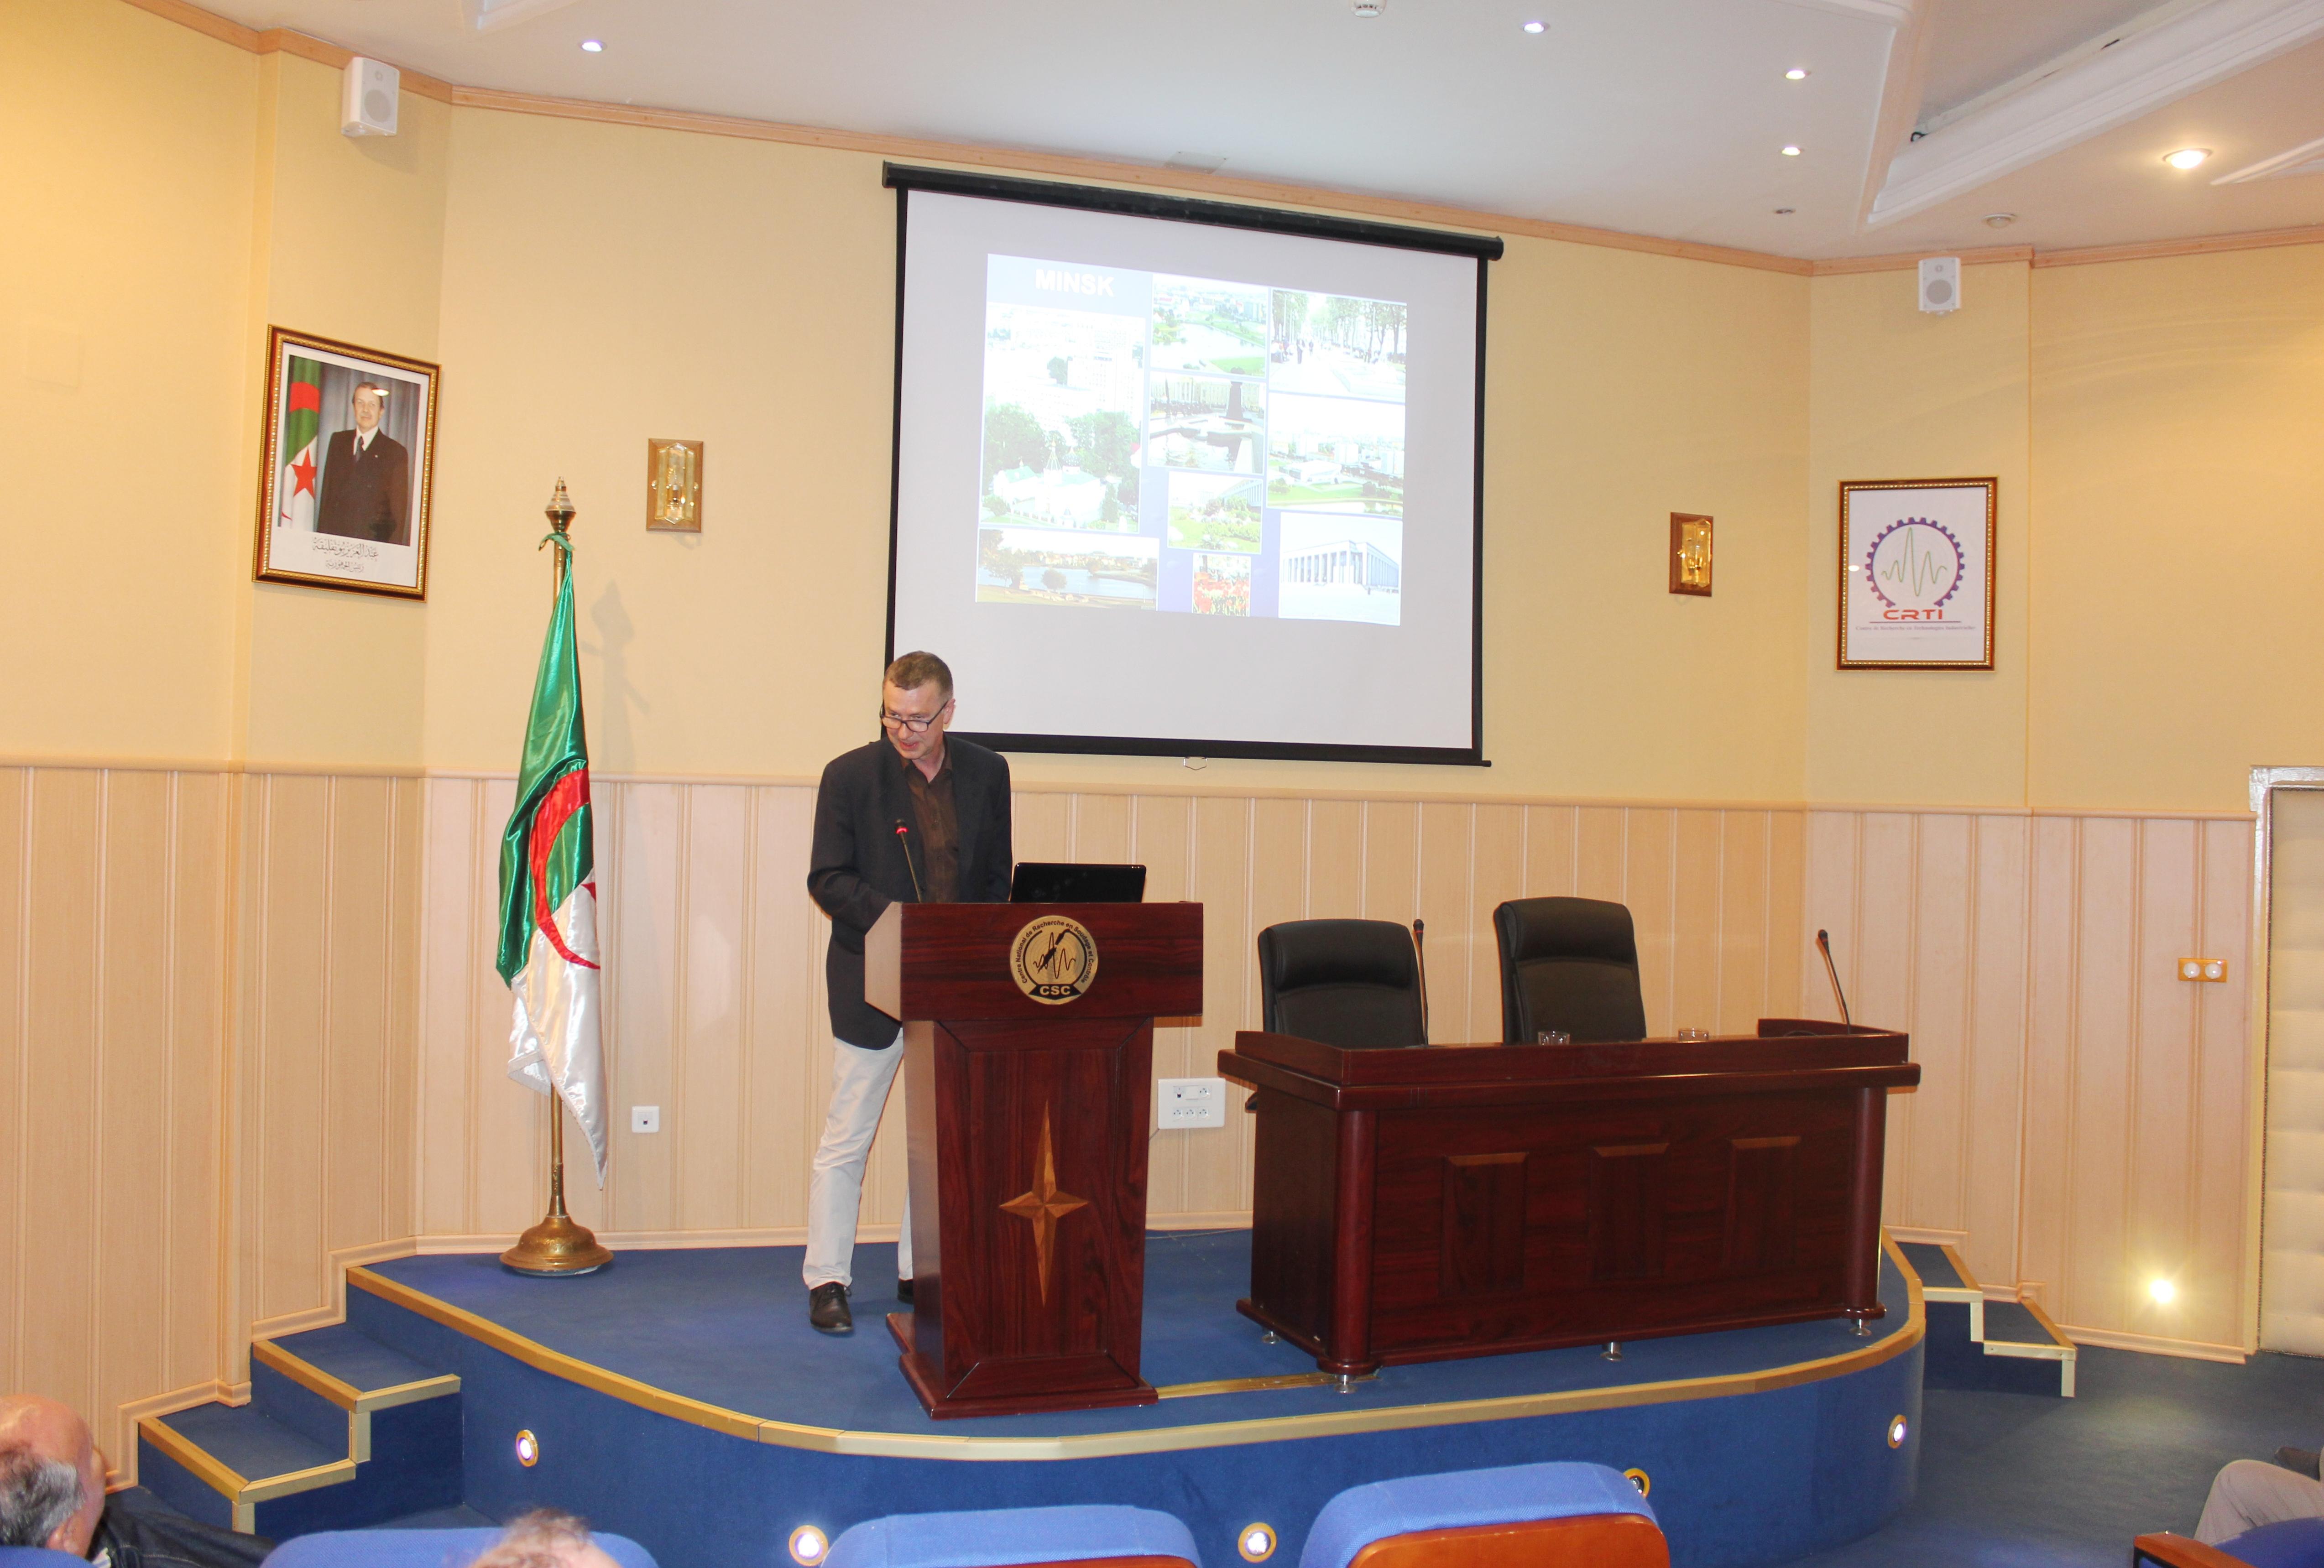 Visite de travail au CRTI d'un représentant de l'Académie Nationale des Sciences de Biélorussie